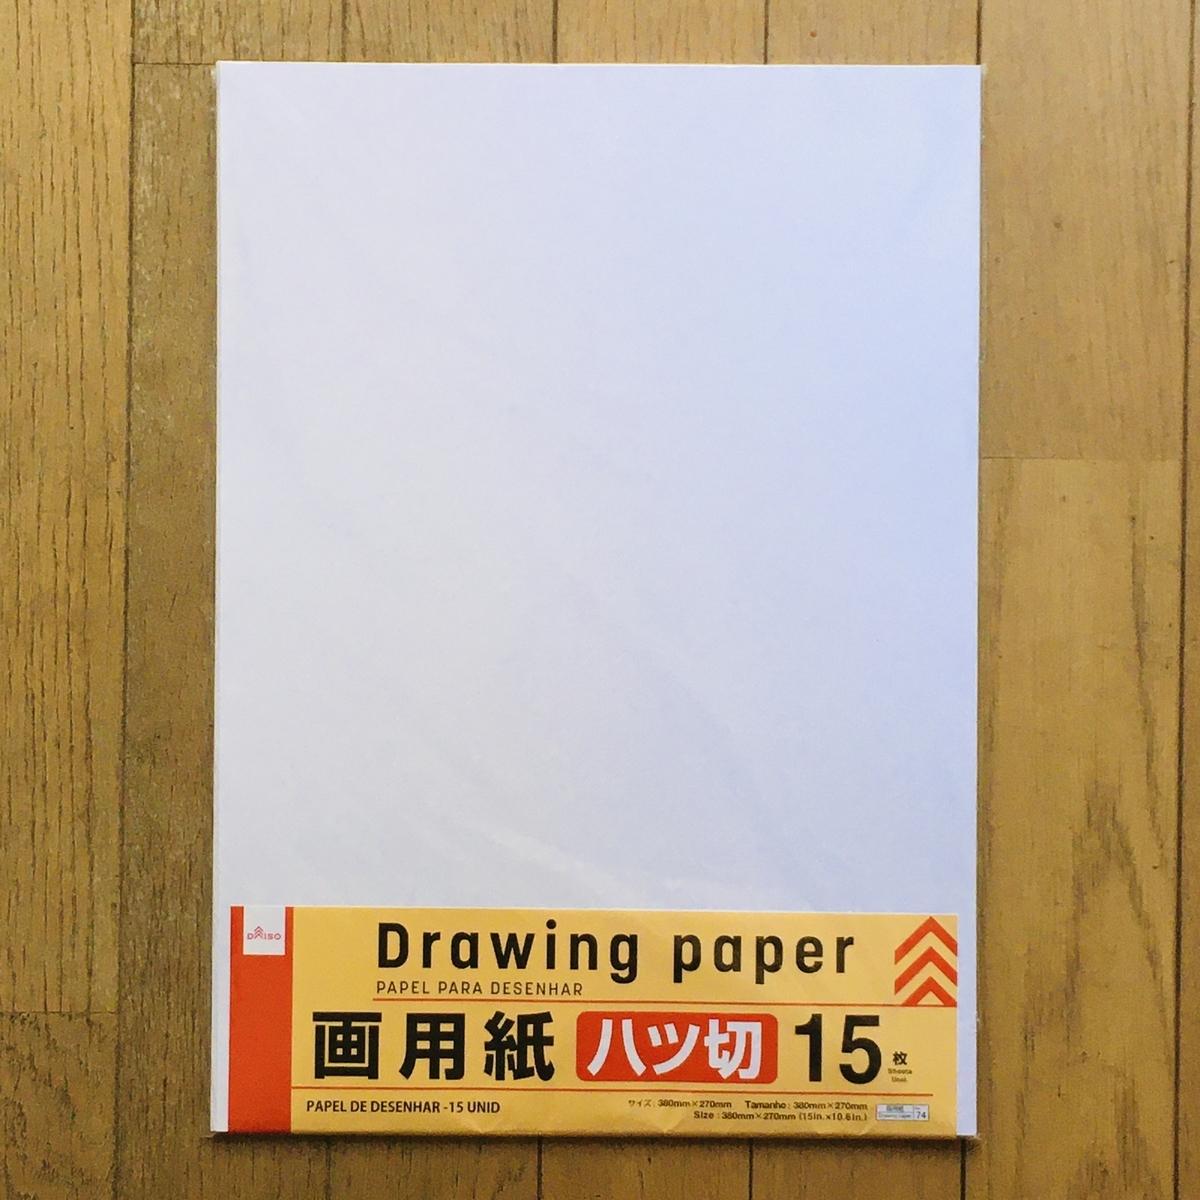 ミモモスティがダイソーで購入したDrawing paper 画用紙 八ツ切サイズ